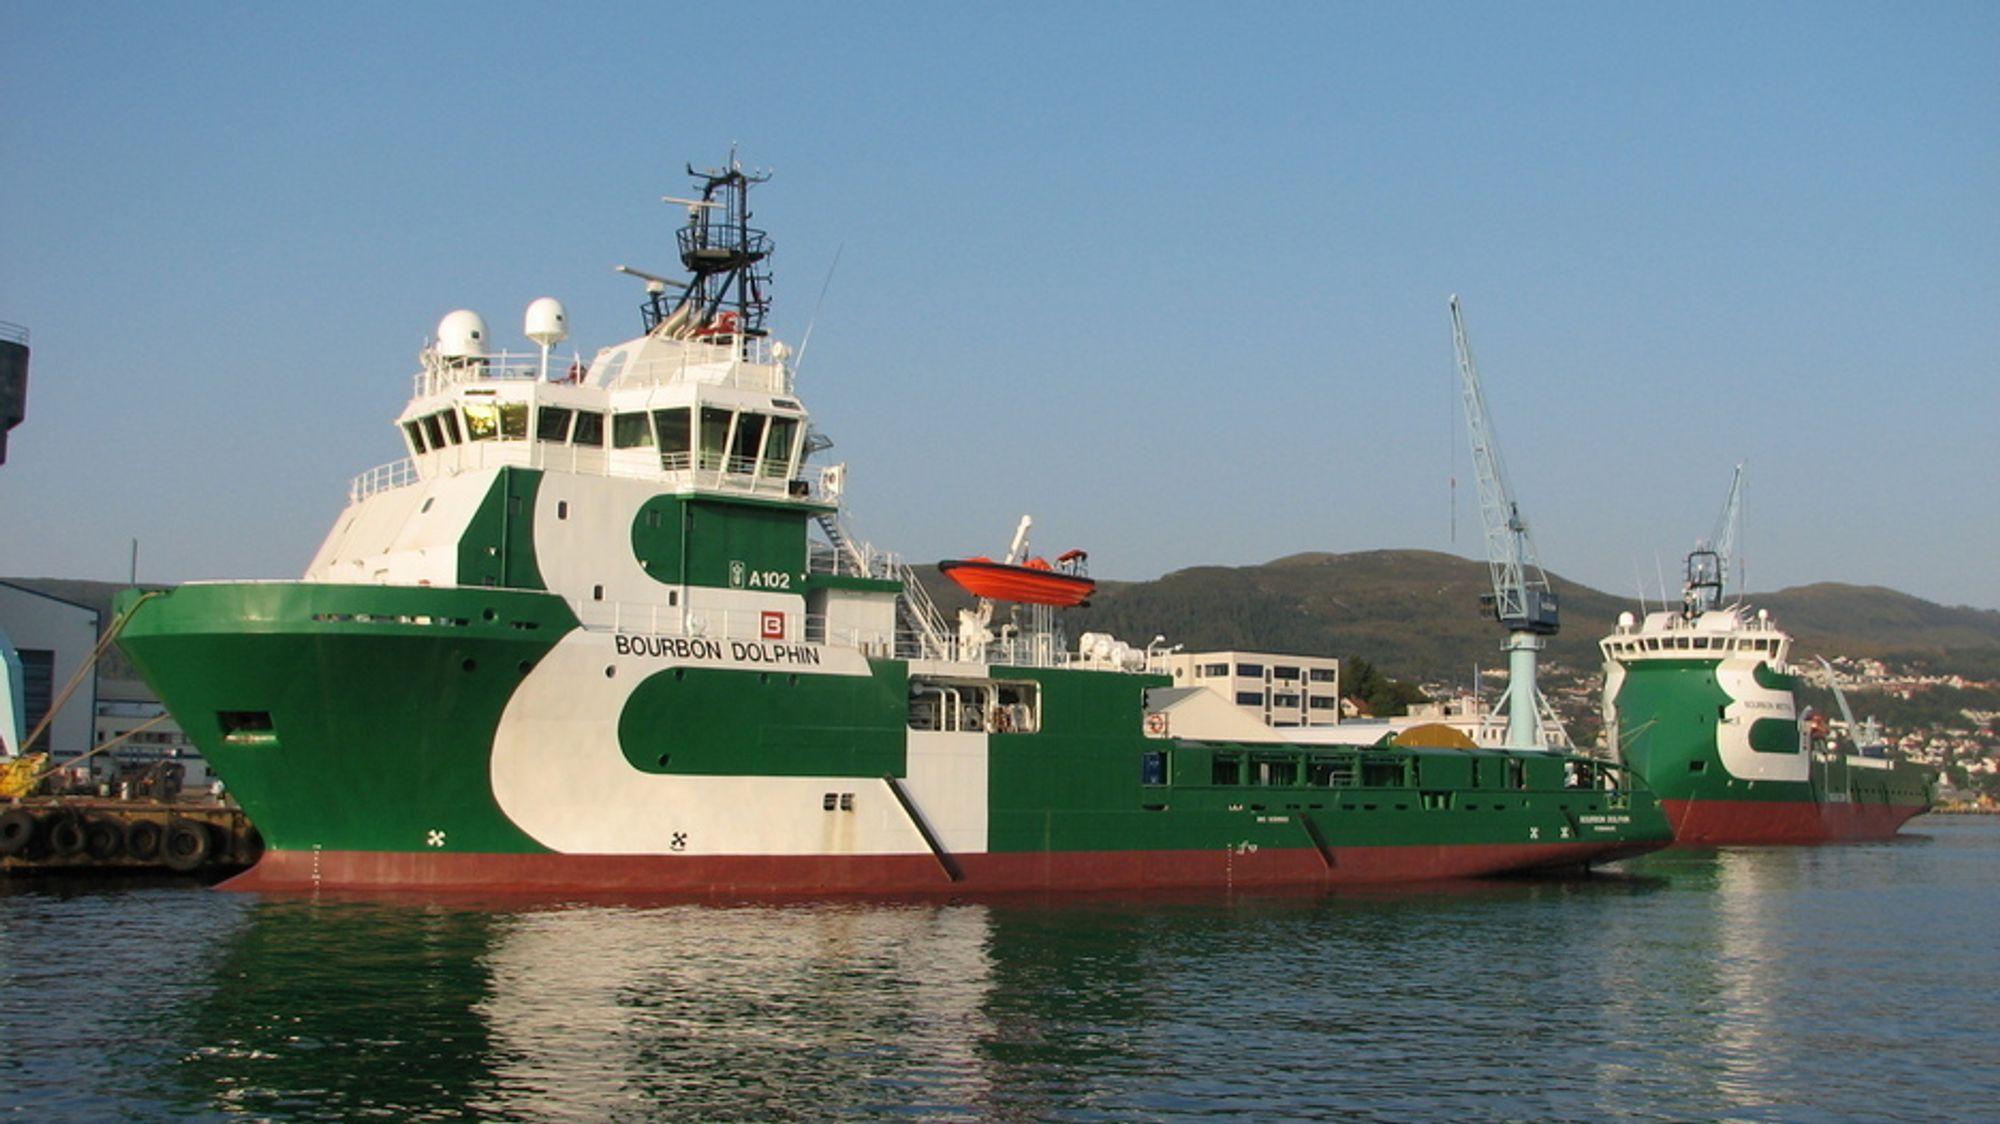 Etter at Bourbon Dolphin kantret for 10 år siden, har det blitt satt strengere krav til design av offshoreskip.